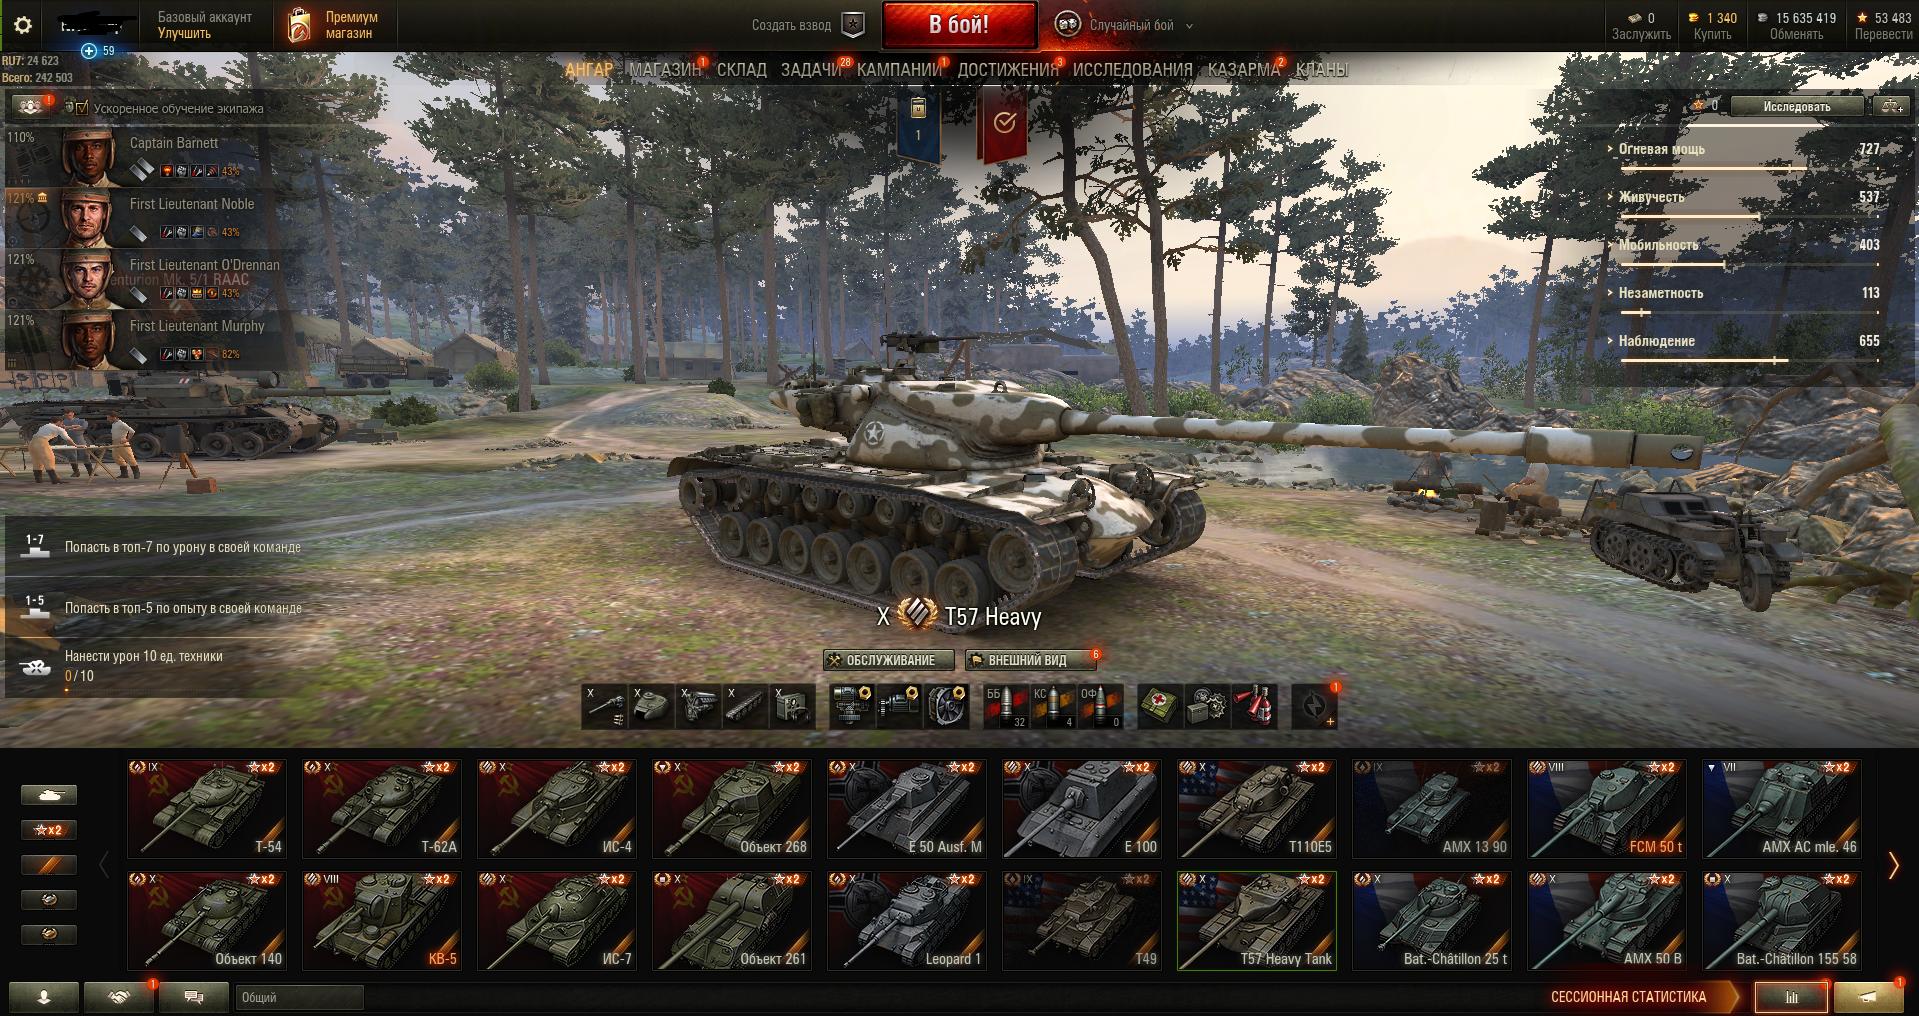 WoT (14 топов, 2 према, всего 46 танков)